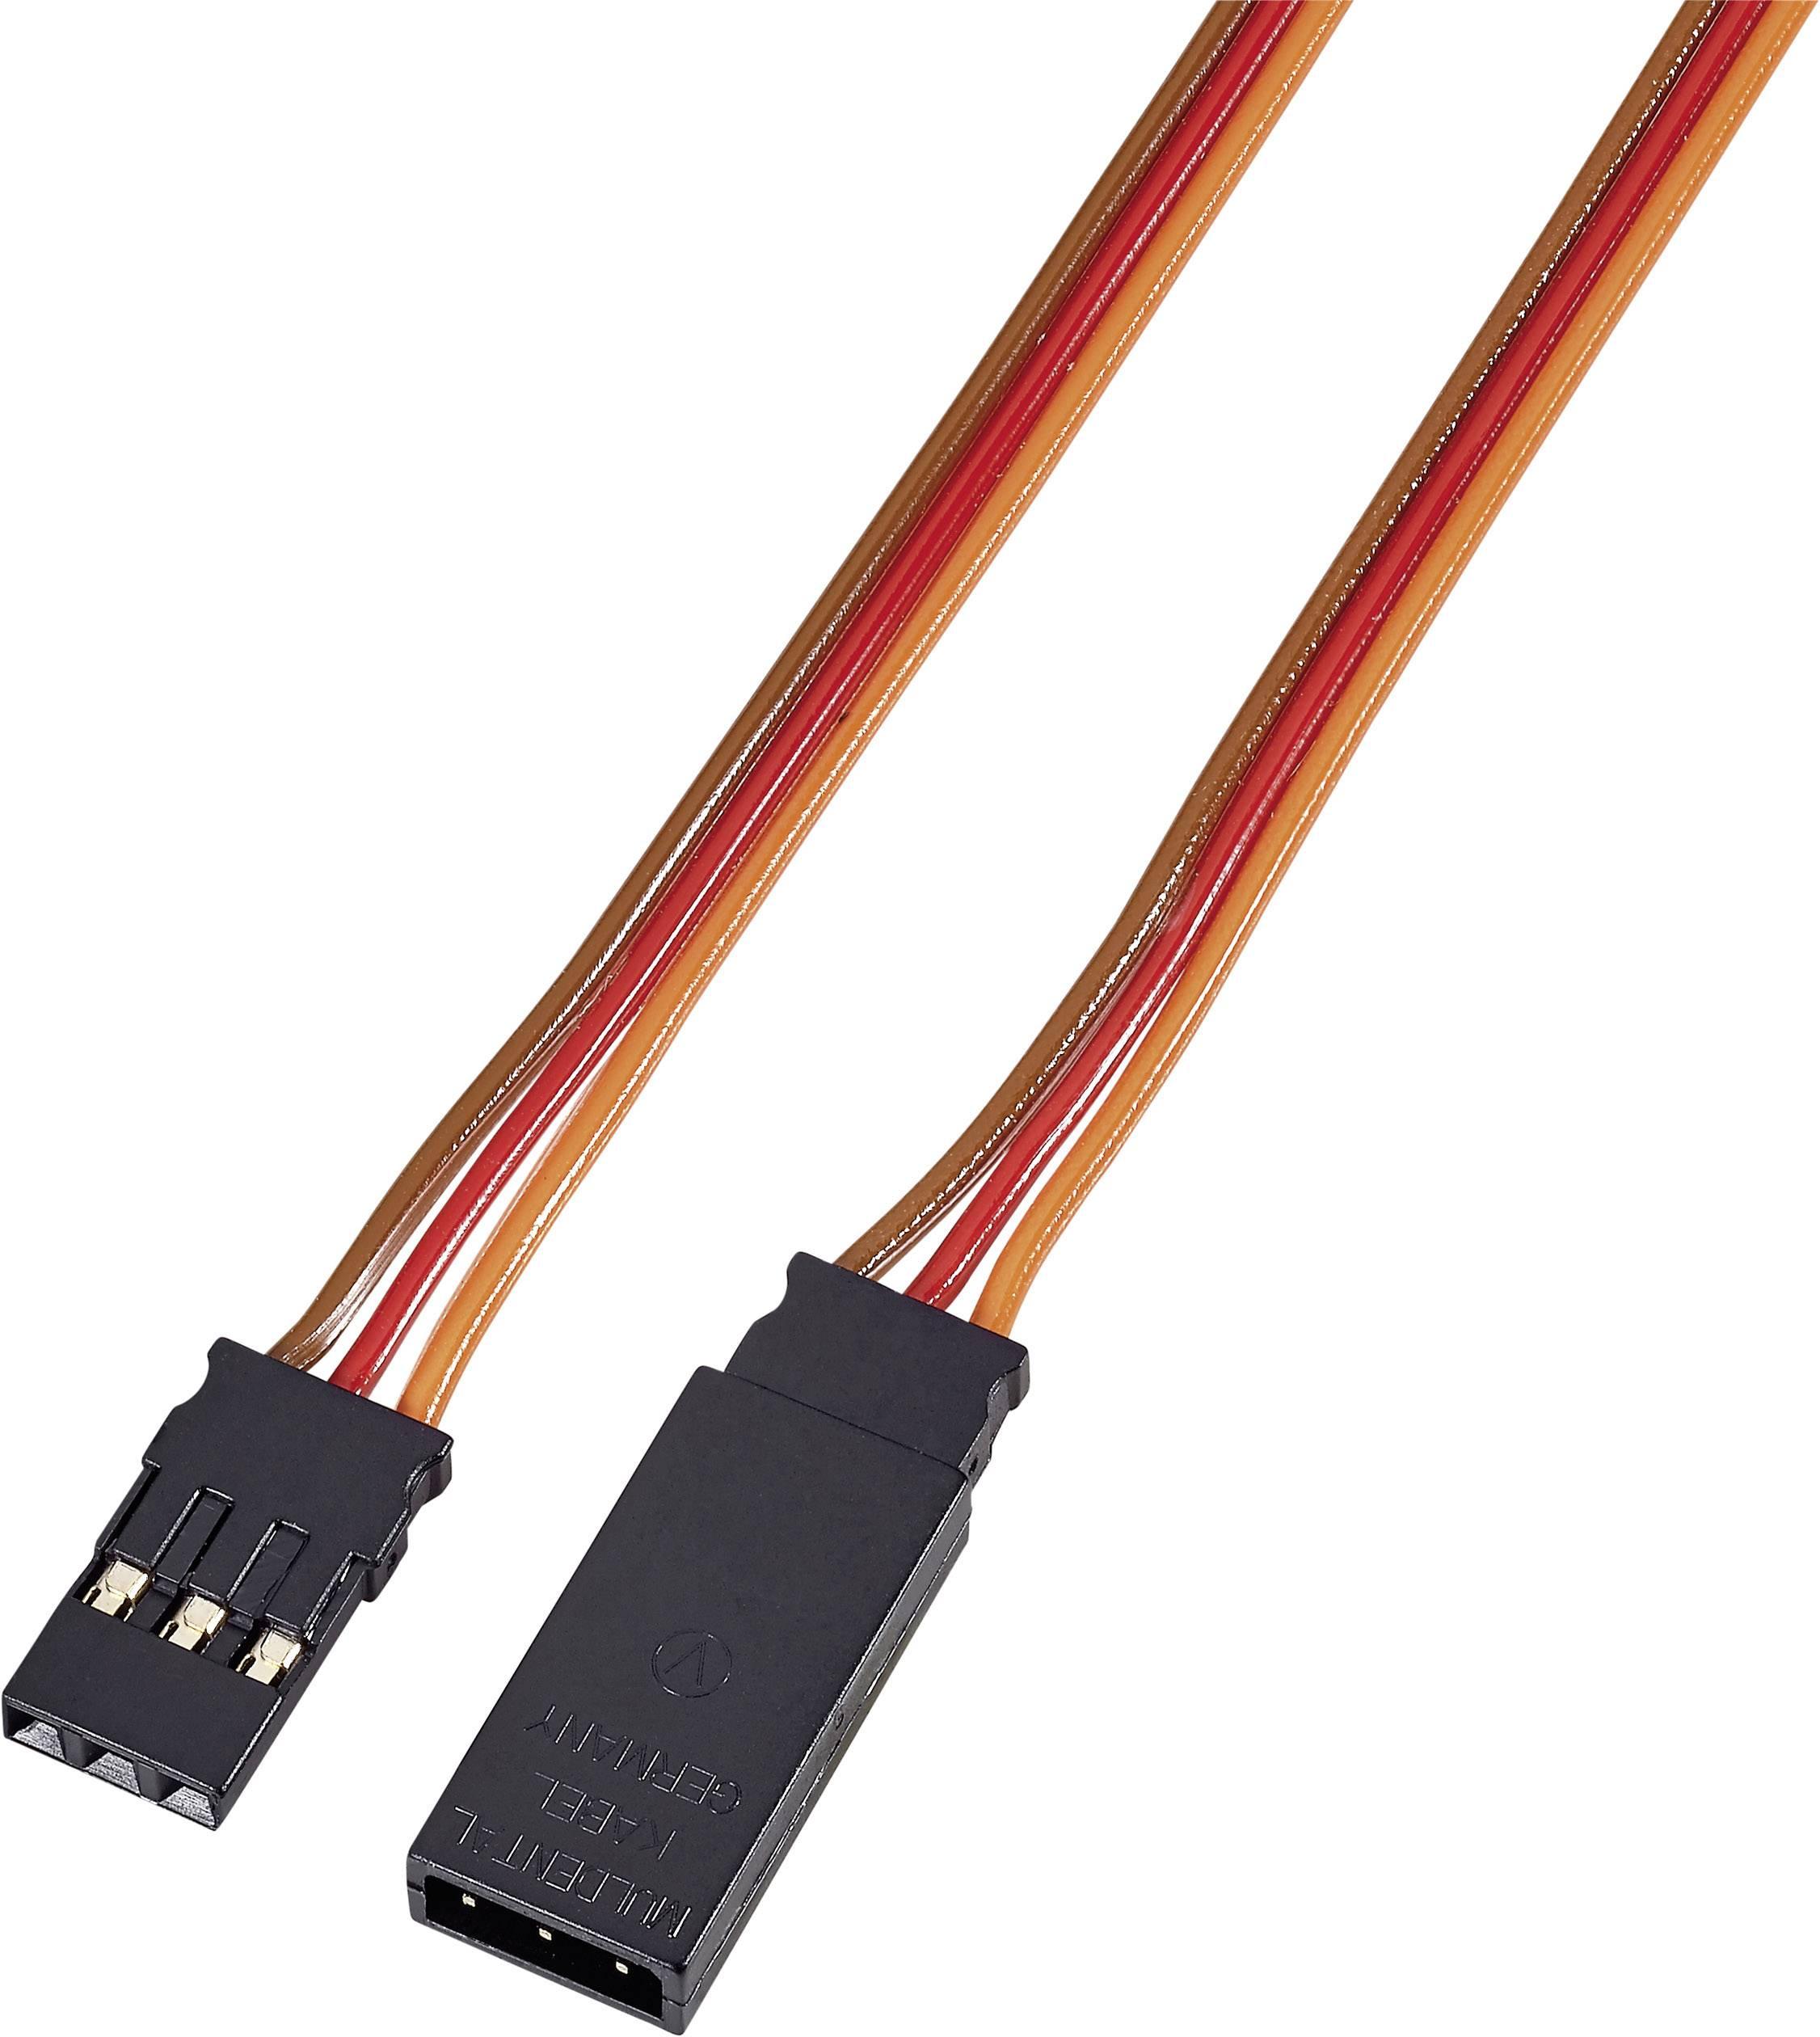 Prodlužovací kabel Modelcraft, konektor JR, 50 cm